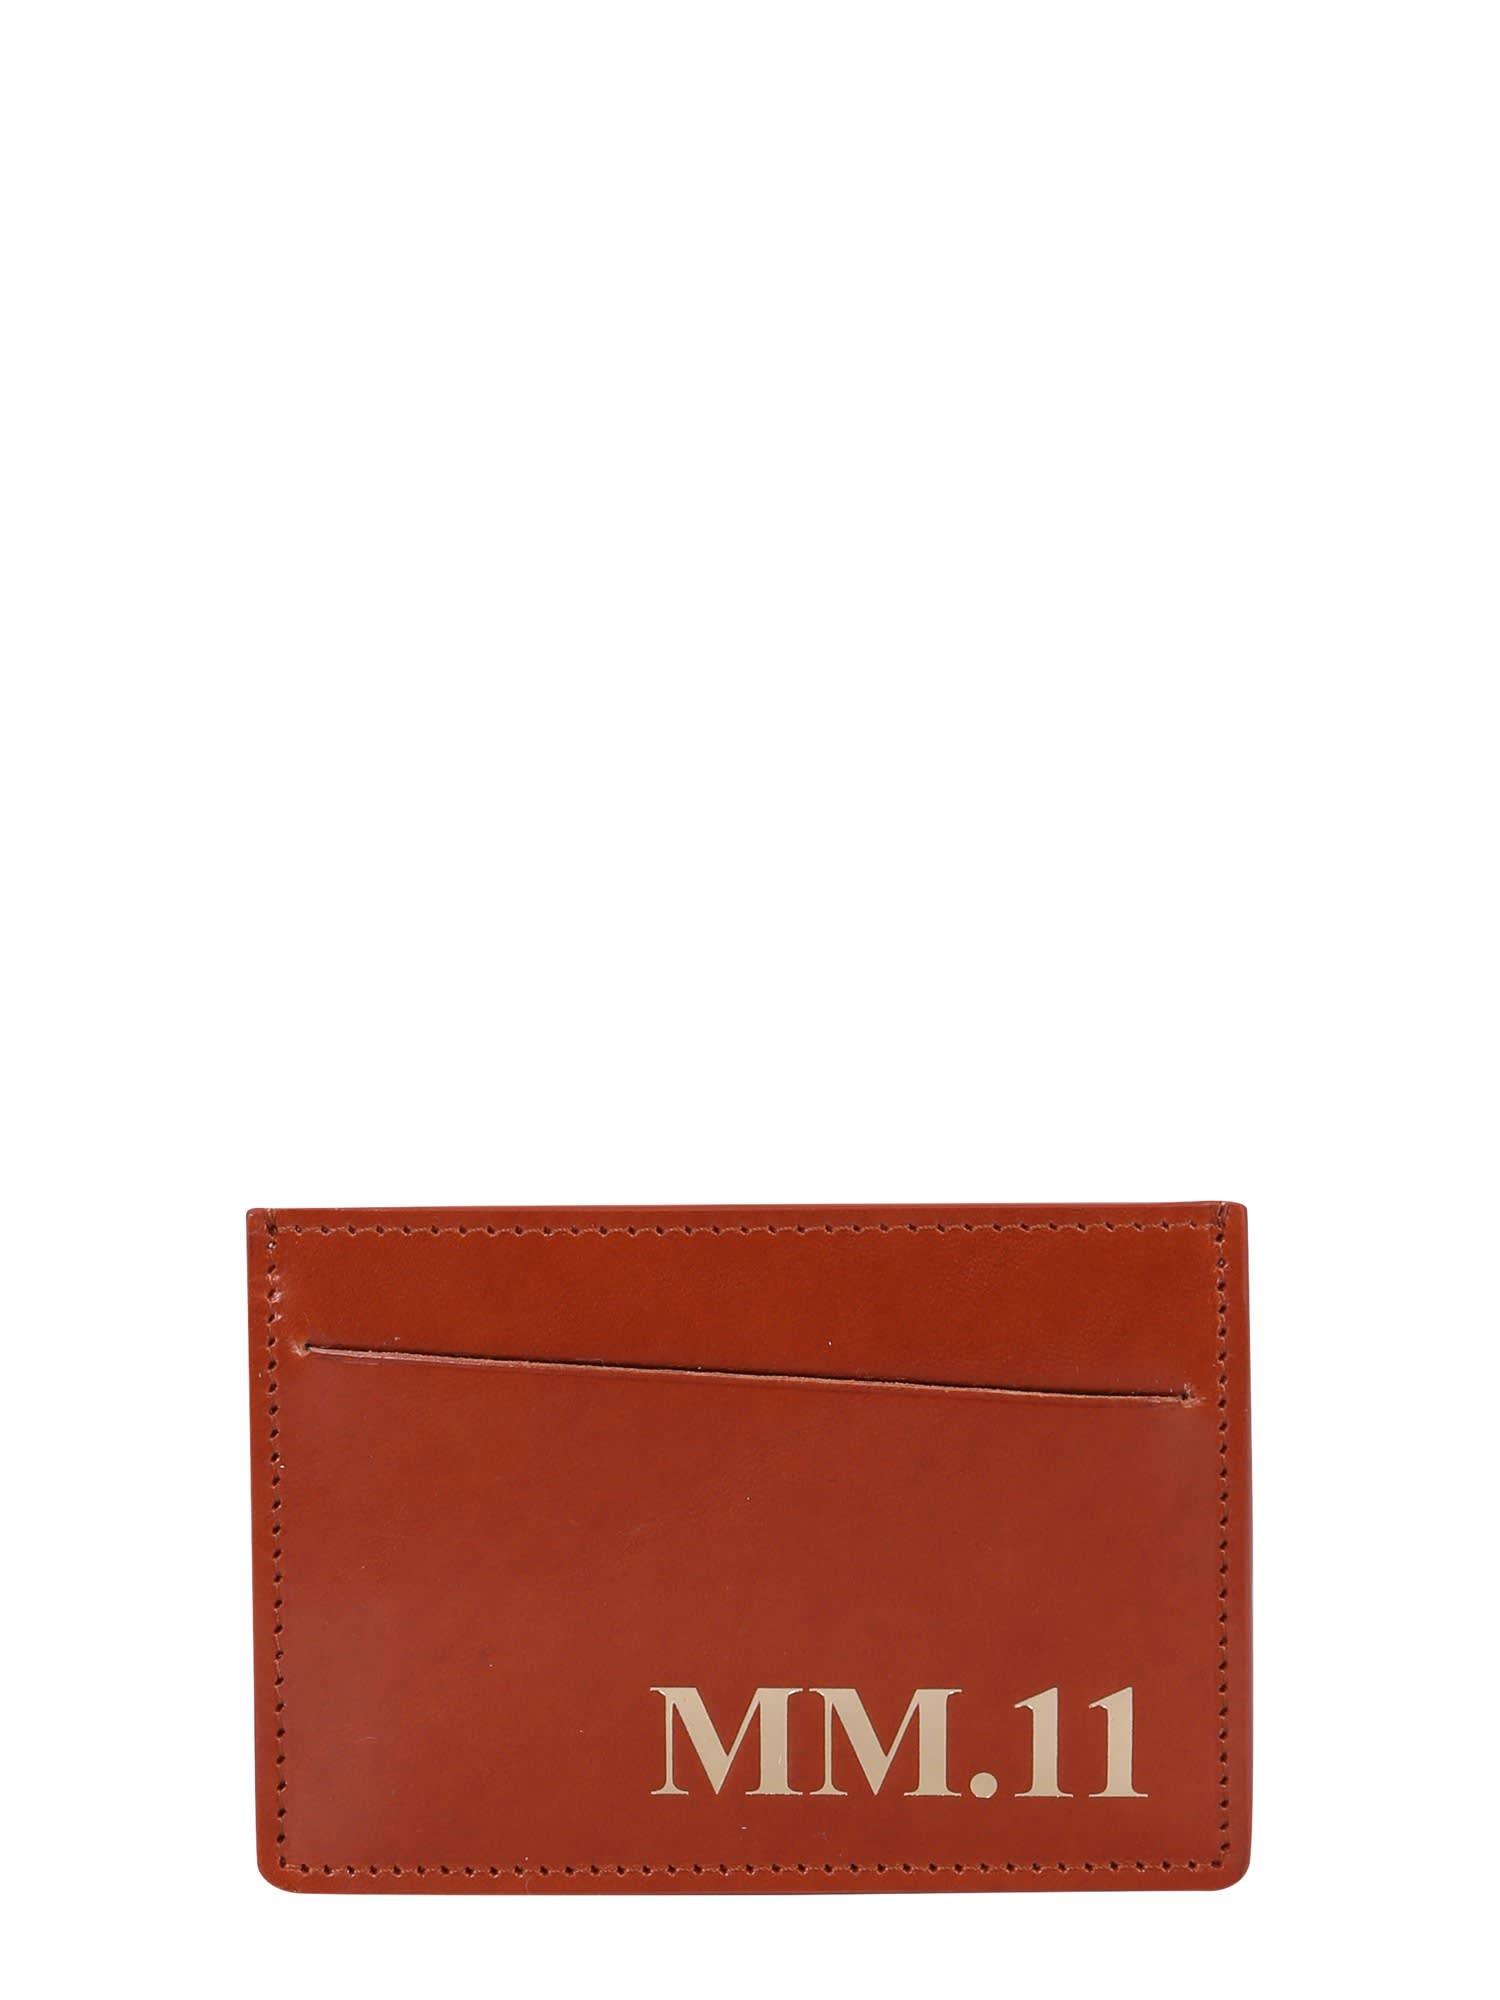 Maison Margiela Card Holder With Logo